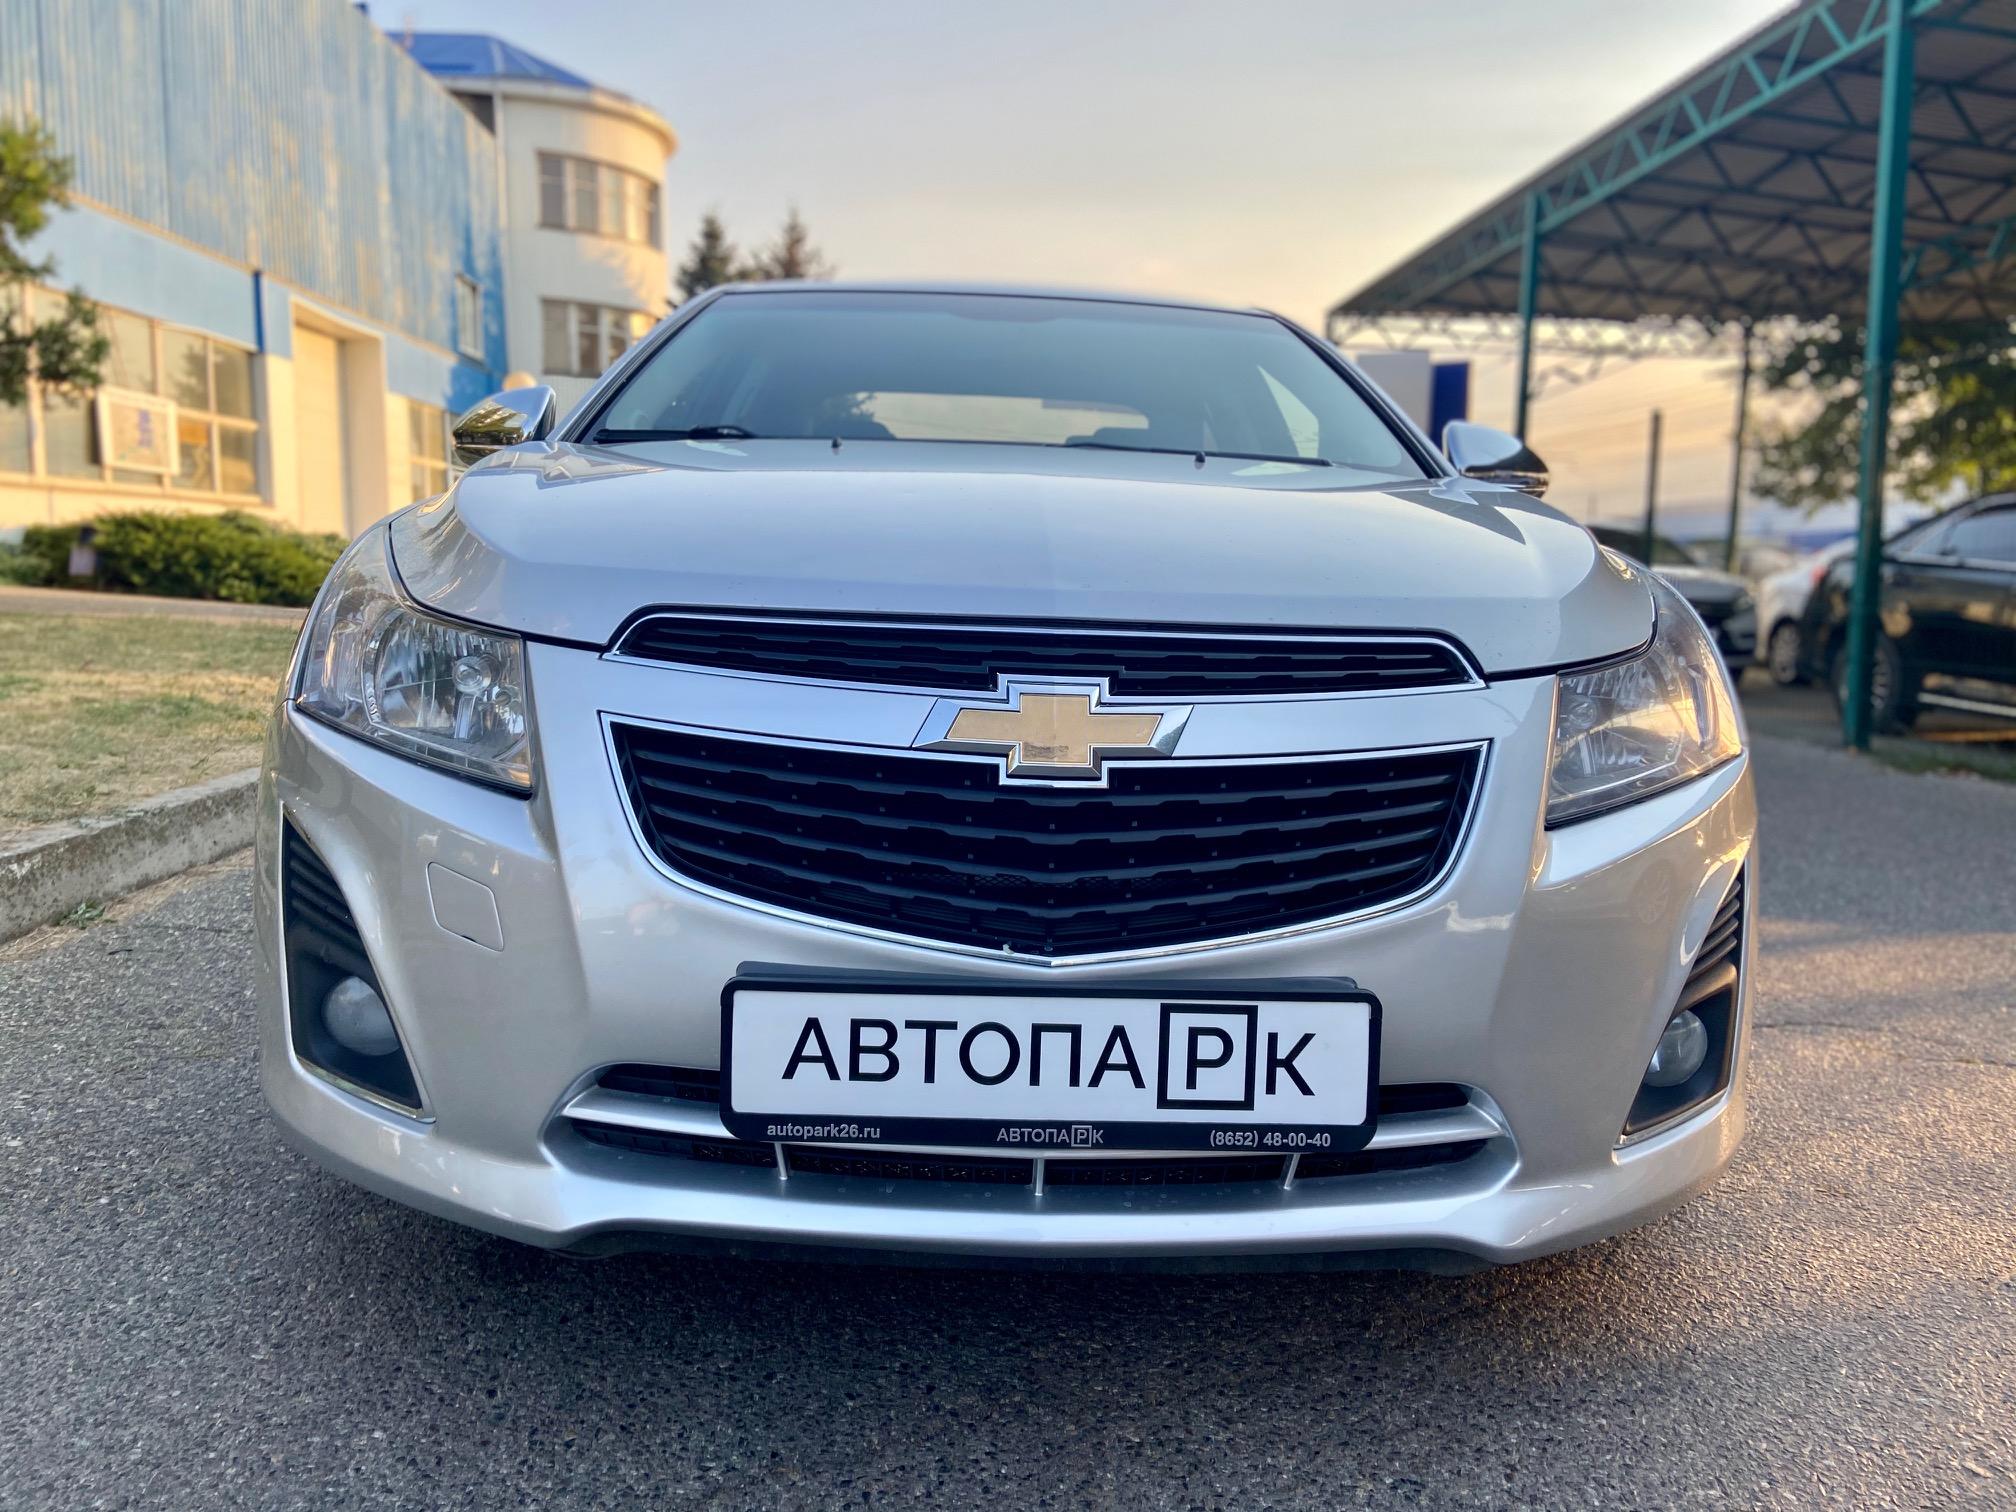 Купить Chevrolet Cruze (Серебристый металлик) - Автопарк Ставрополь